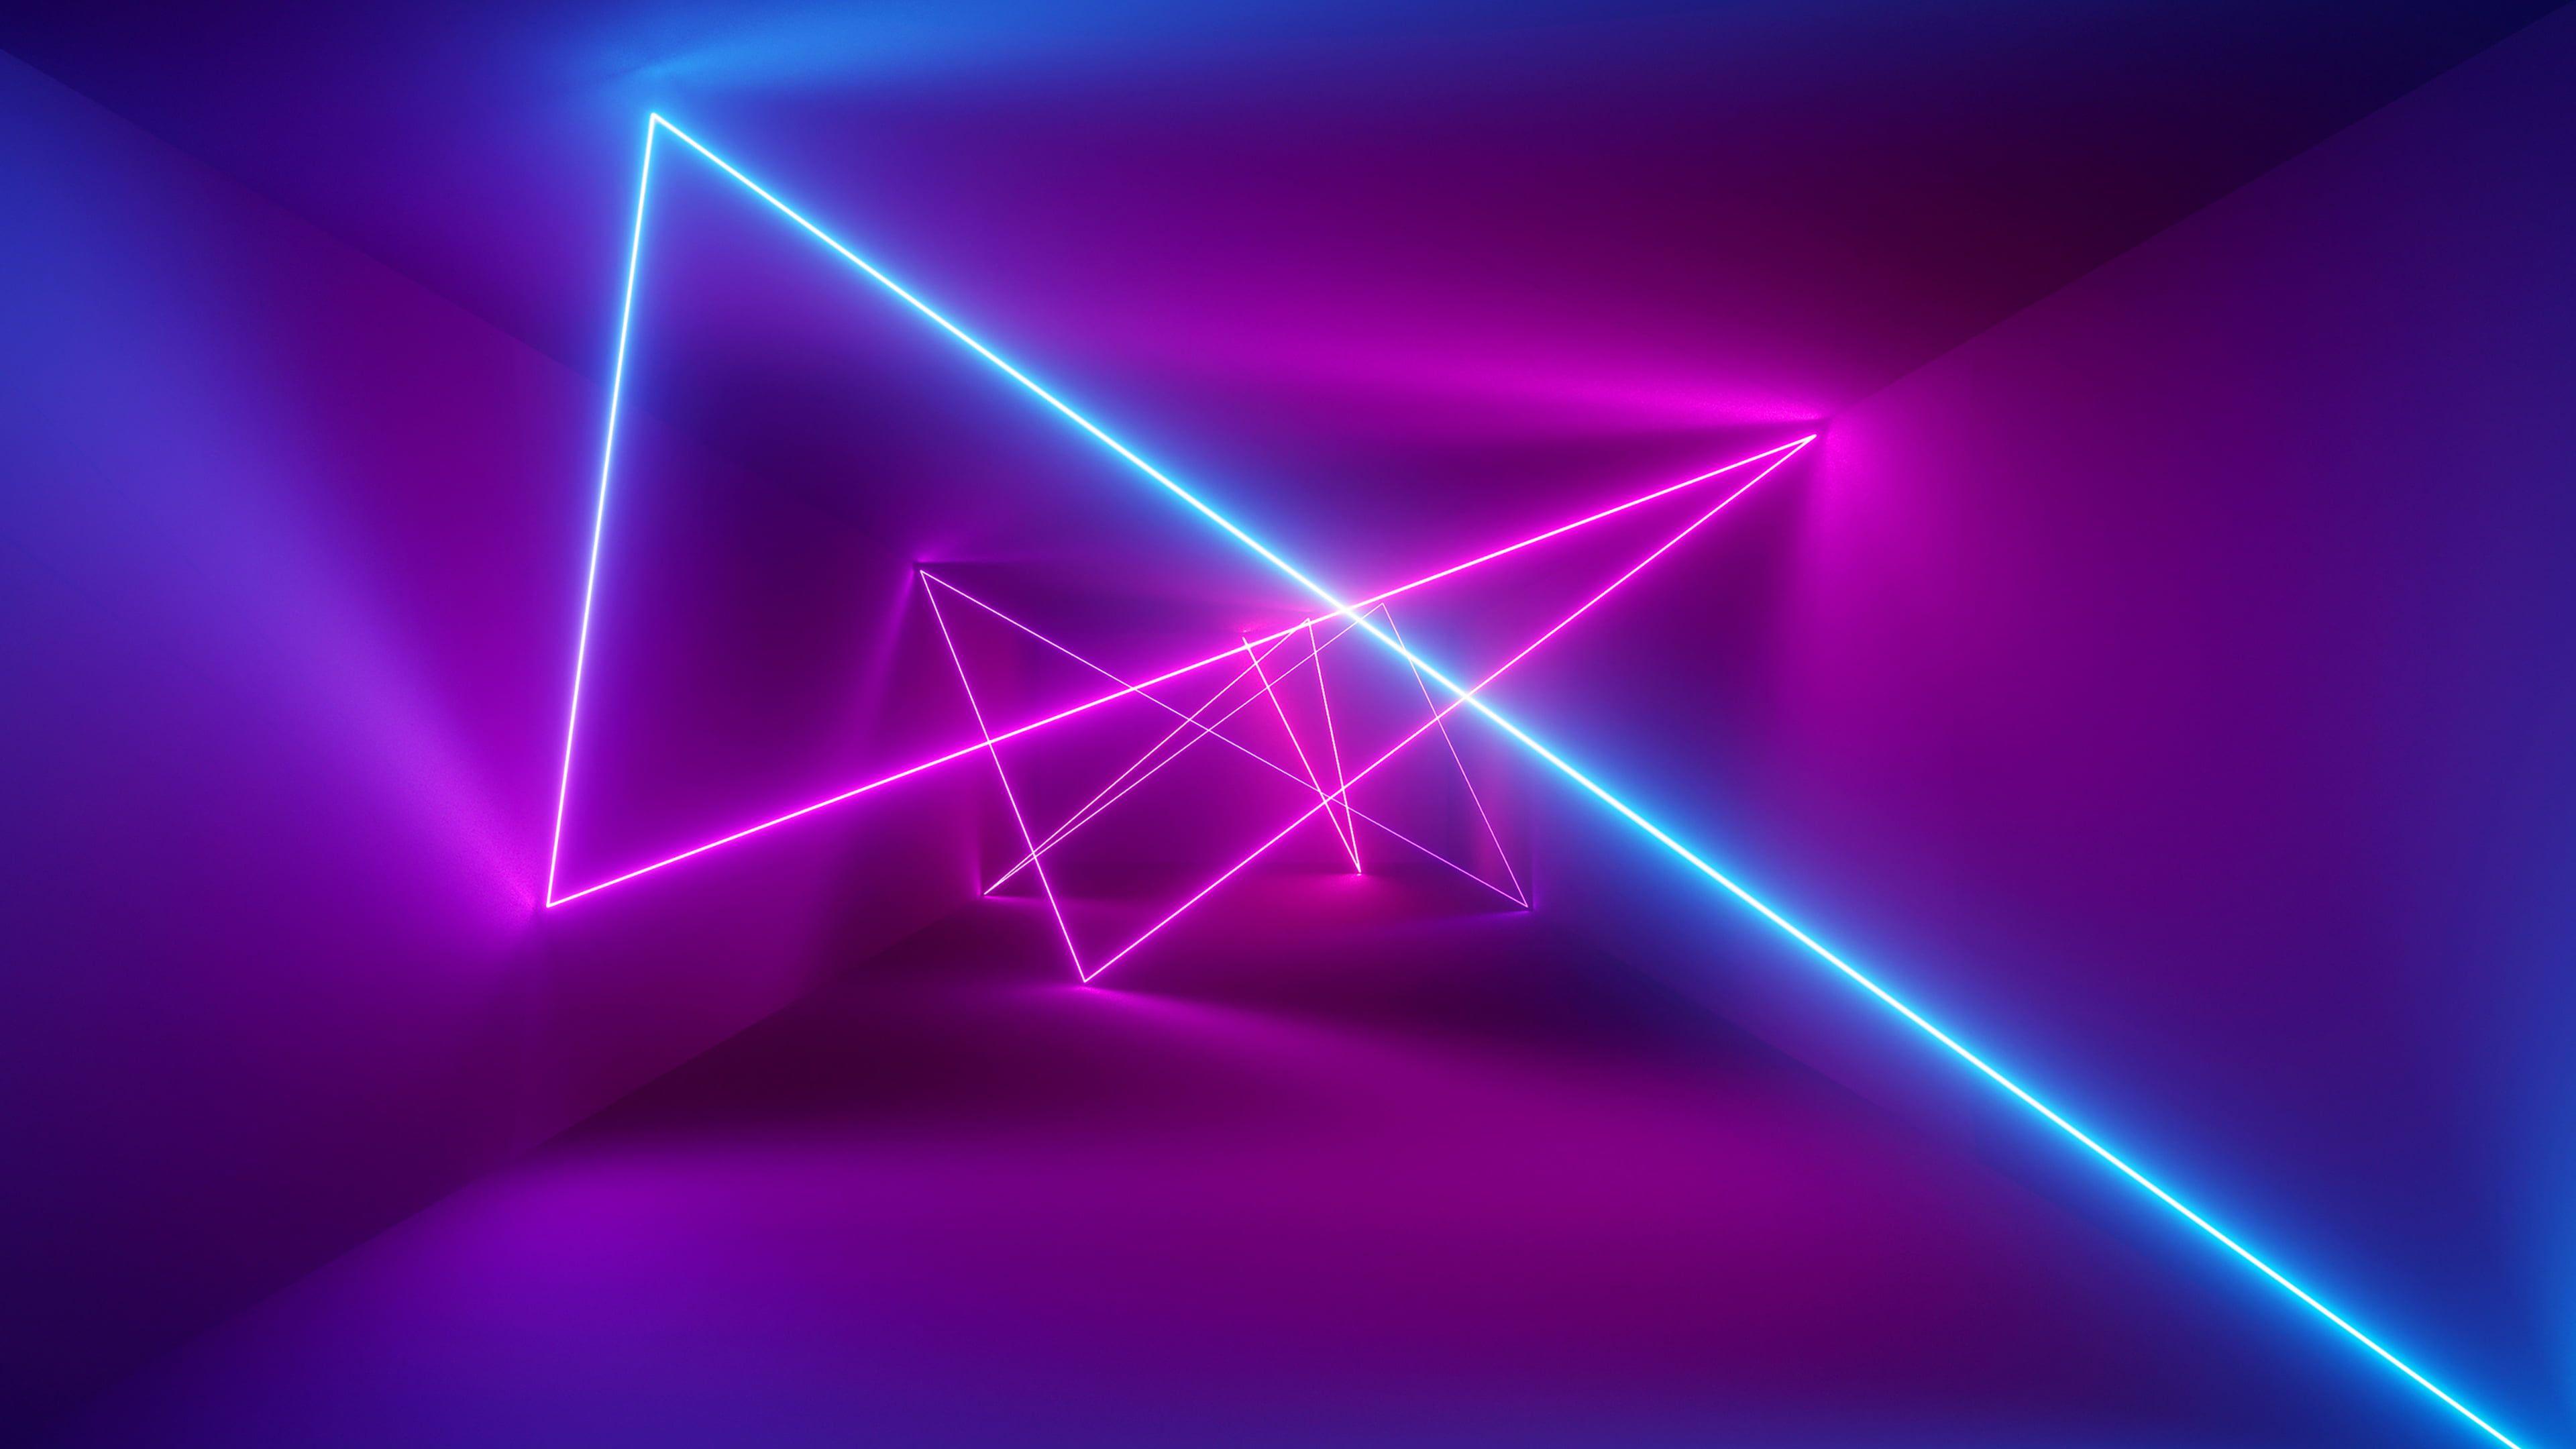 Abstract Neon Lights 4k Wallpaper Hdwallpaper Desktop Neon Wallpaper Neon Desktop Wallpaper